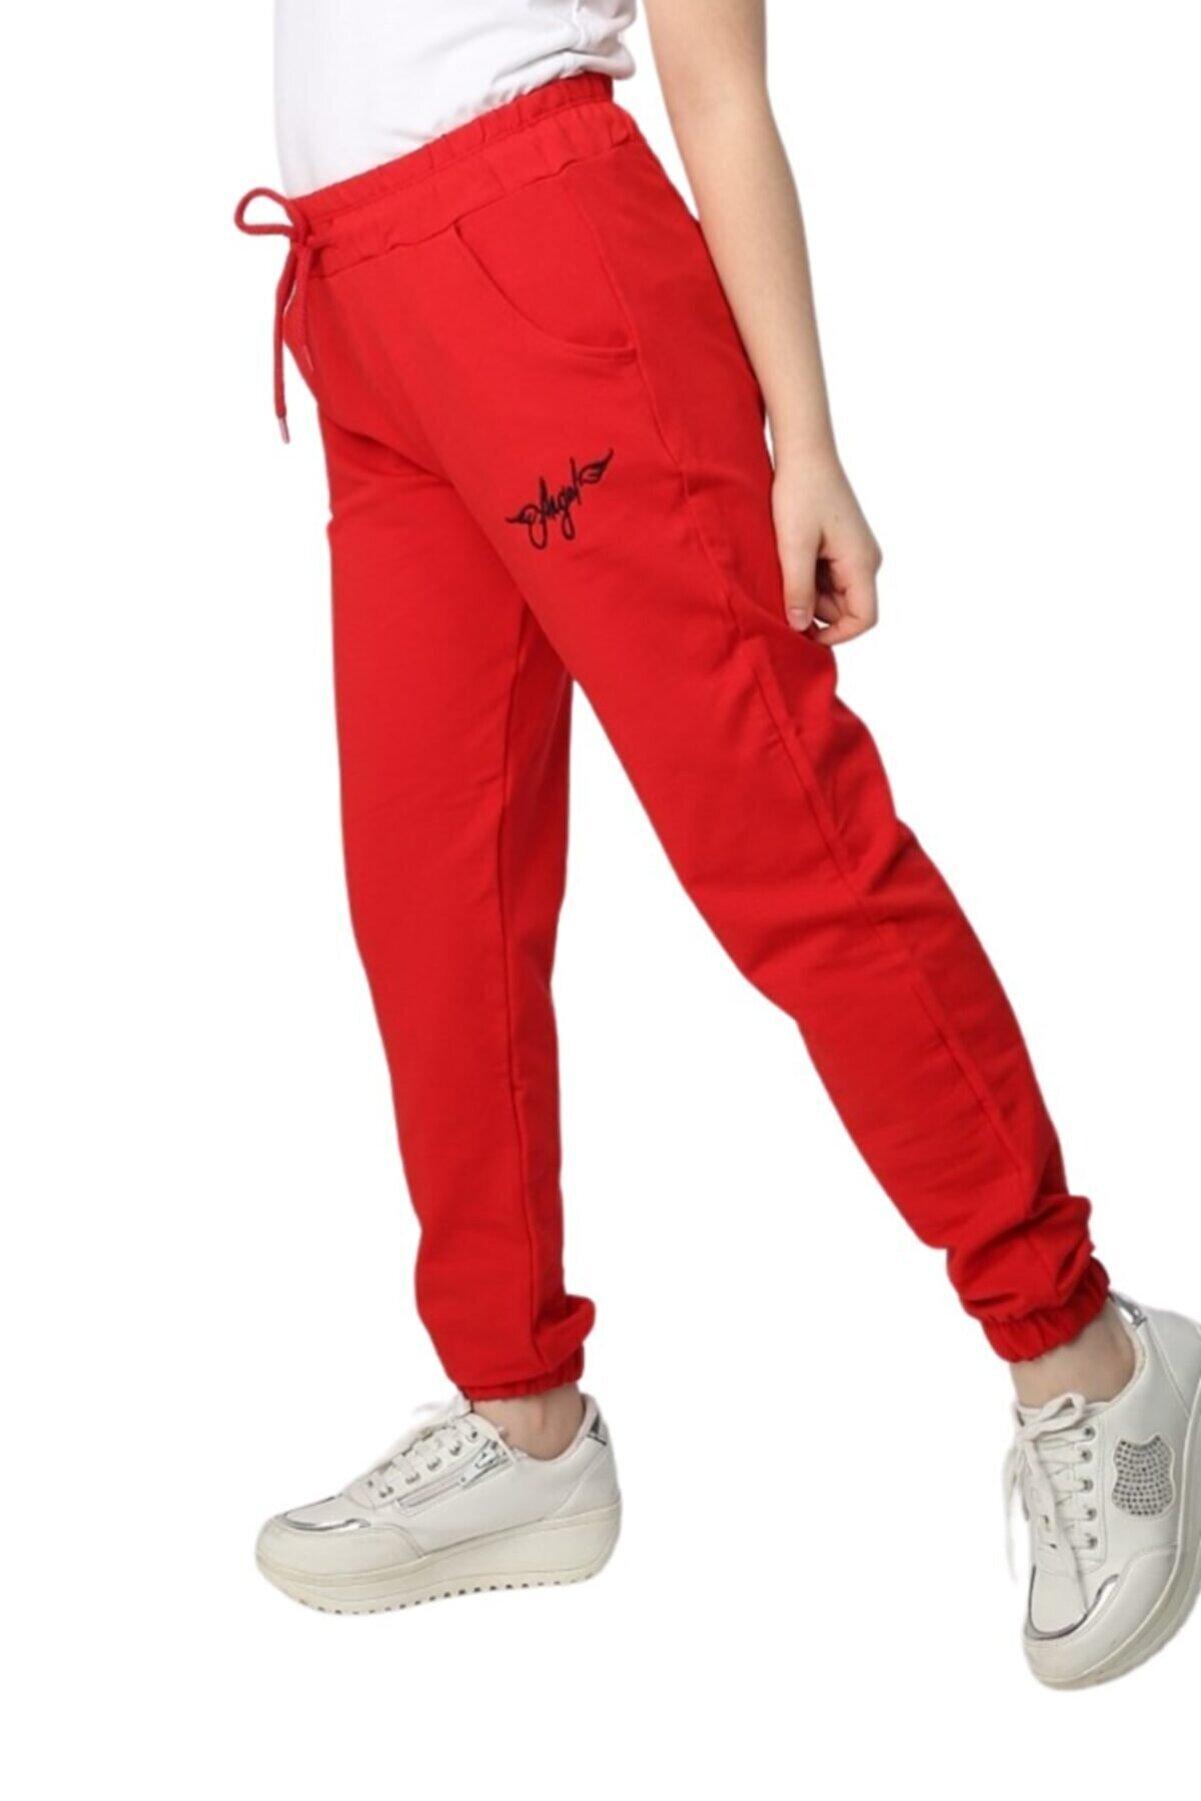 TrendAll Butik Kız Çocuk Kırmızı Angel Yazılı Jogger Eşofman Altı